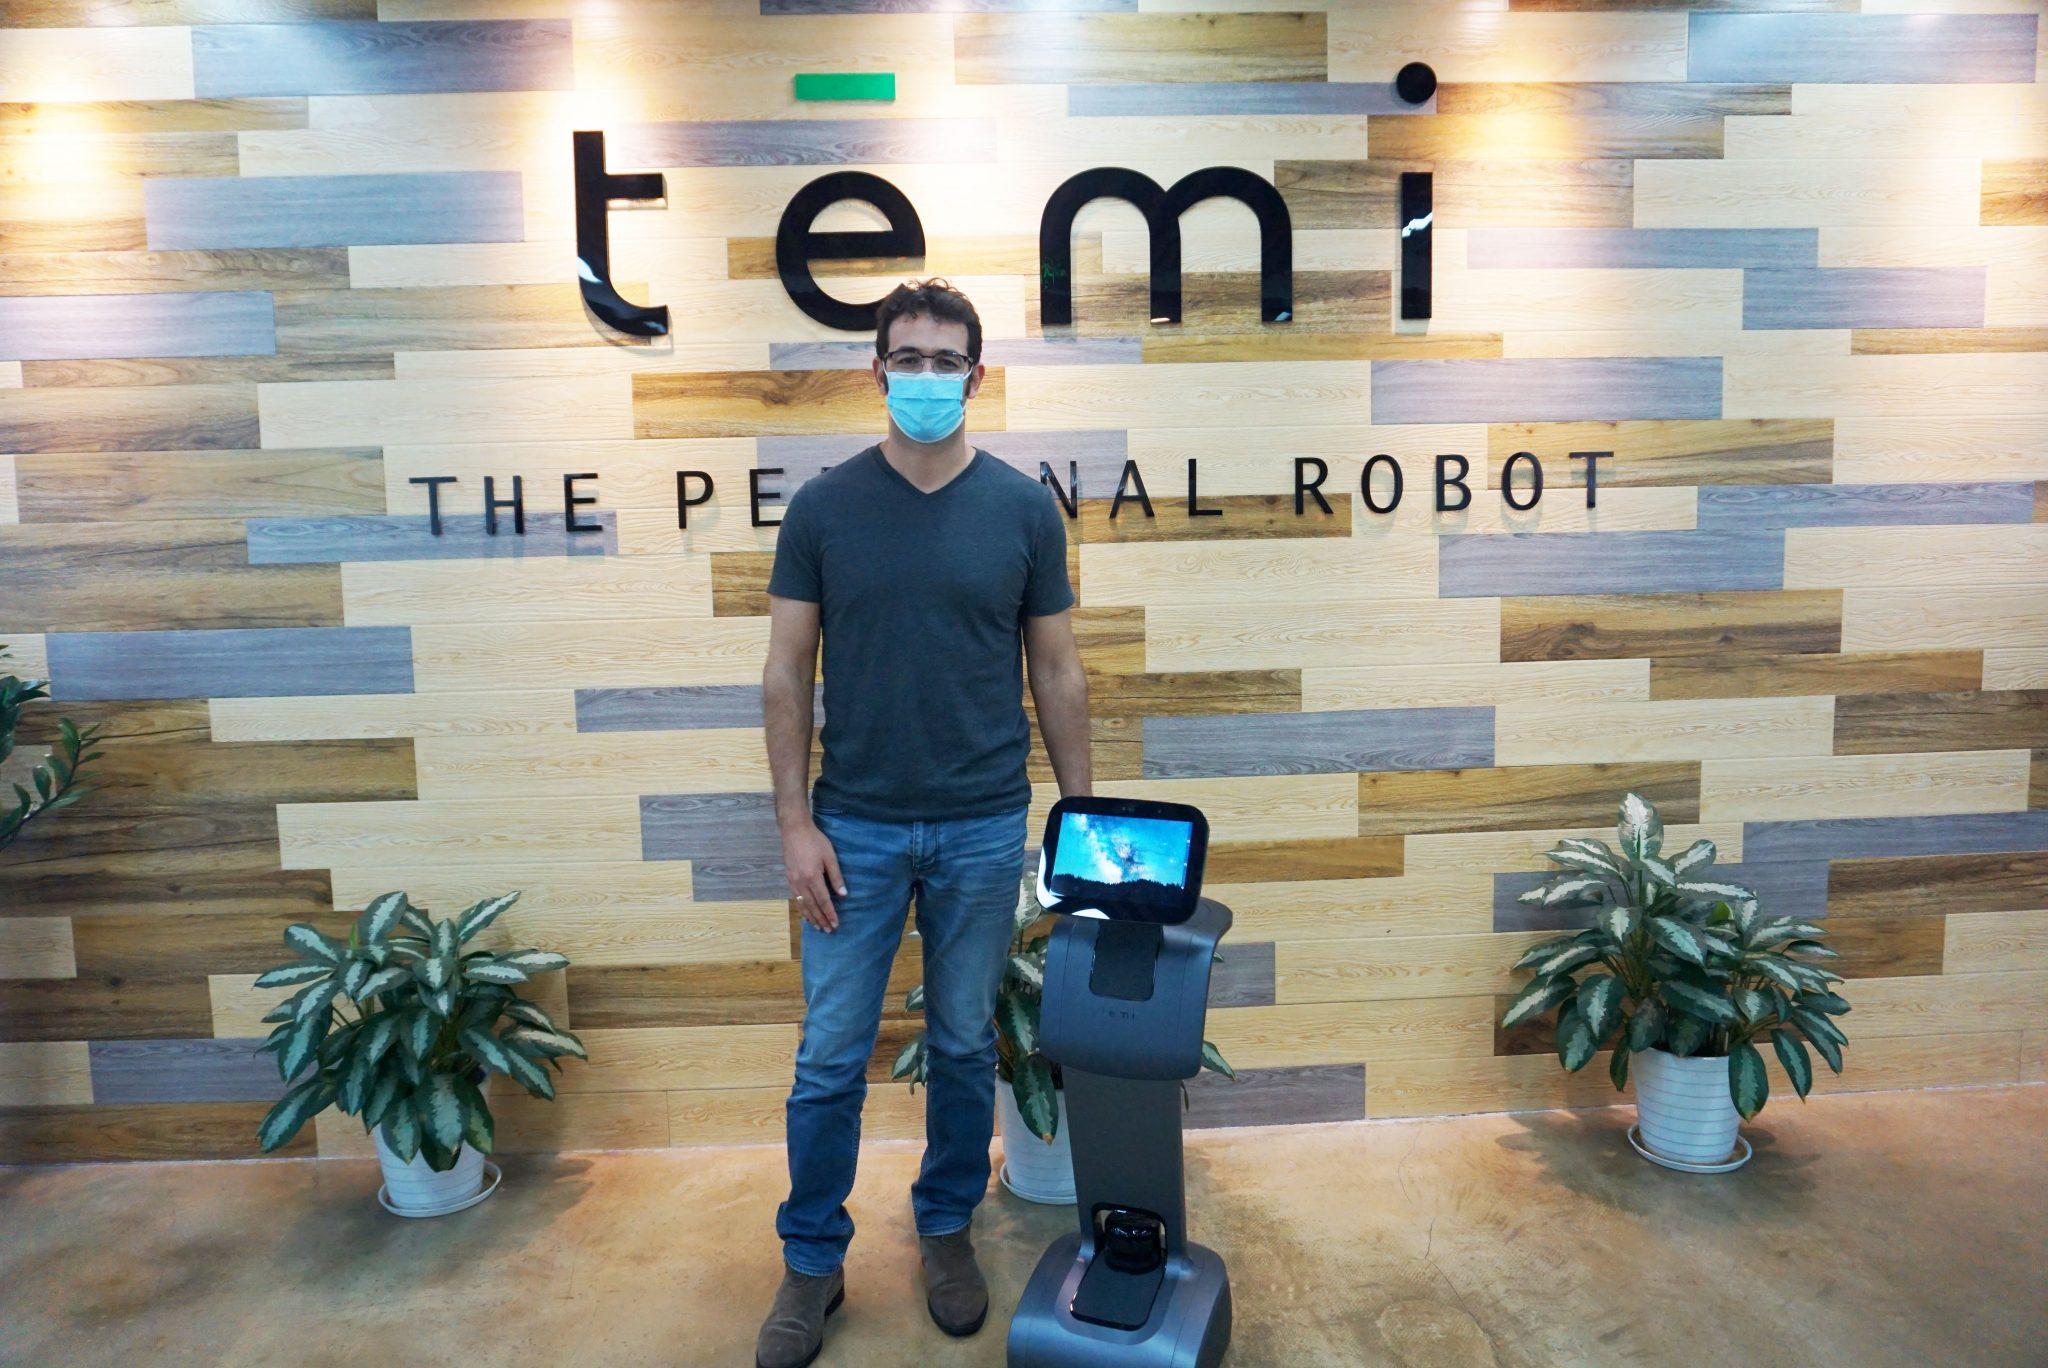 转载南方日报:媒体测评 你所期待的temi服务机器人